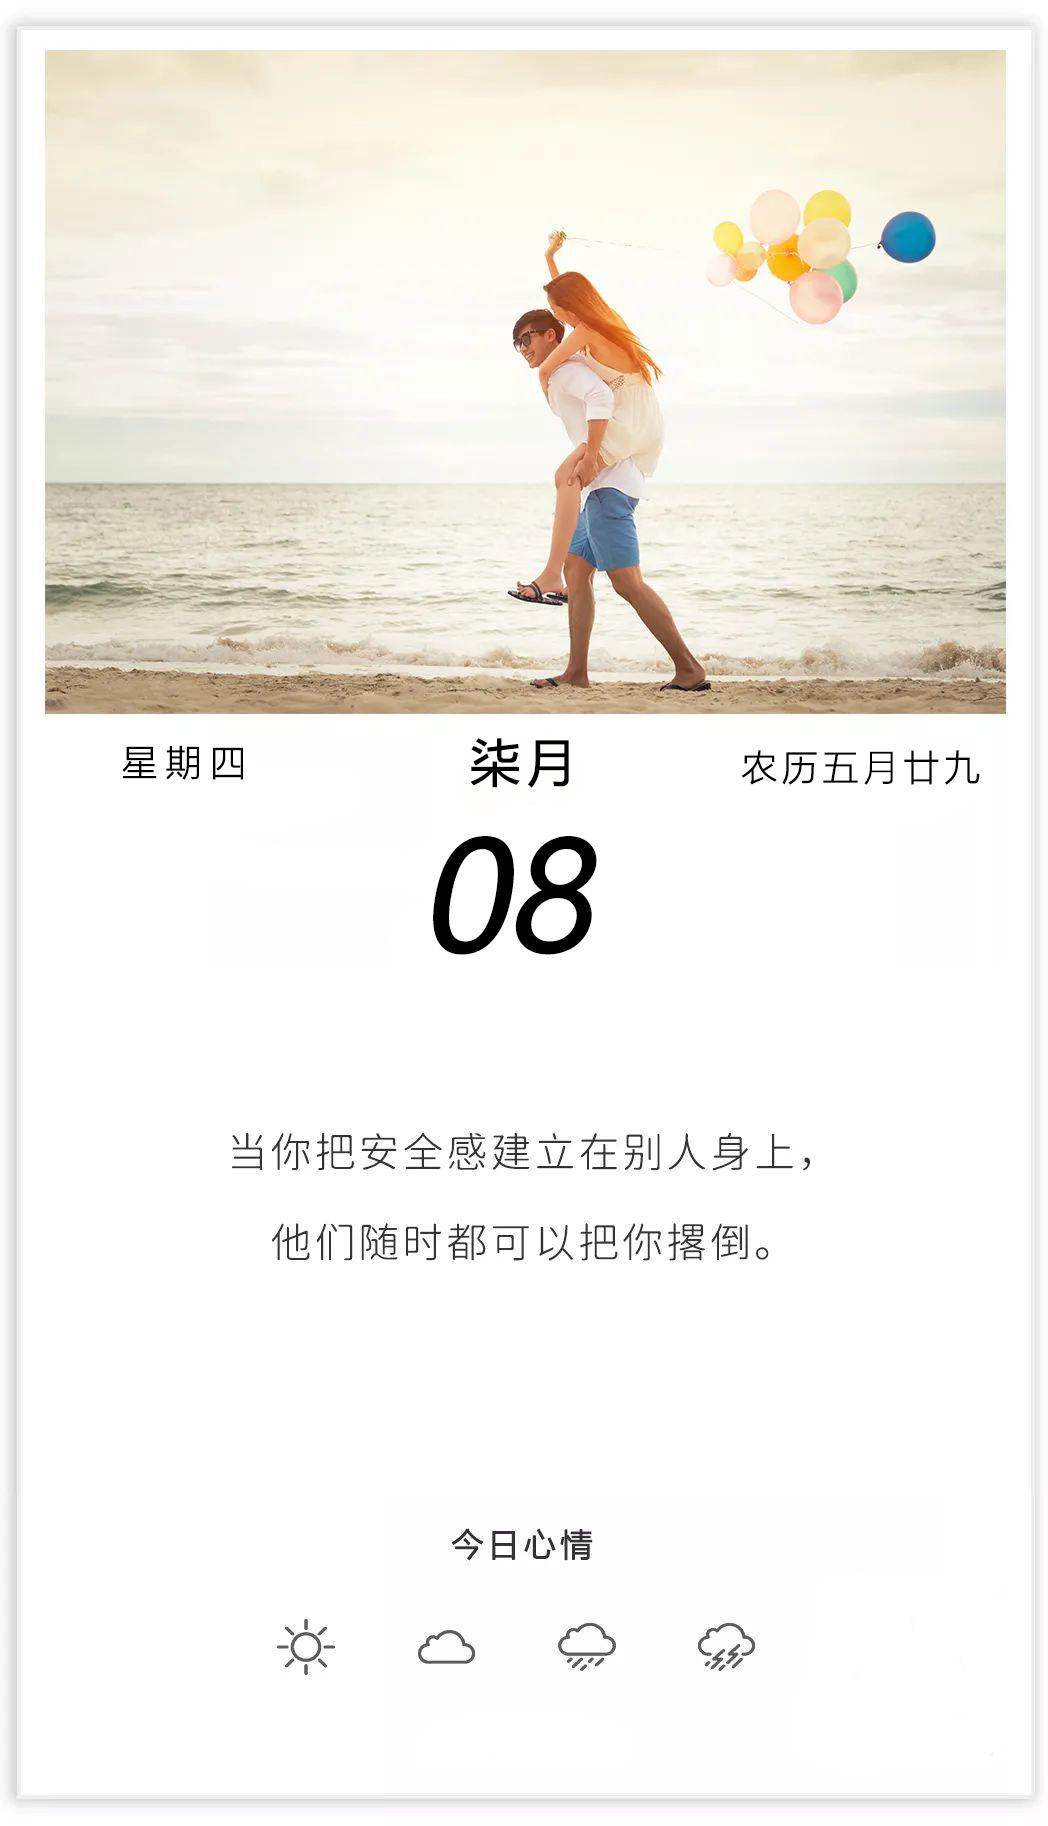 7月8日早上好,朋友圈正能量句子图片,追寻梦想!